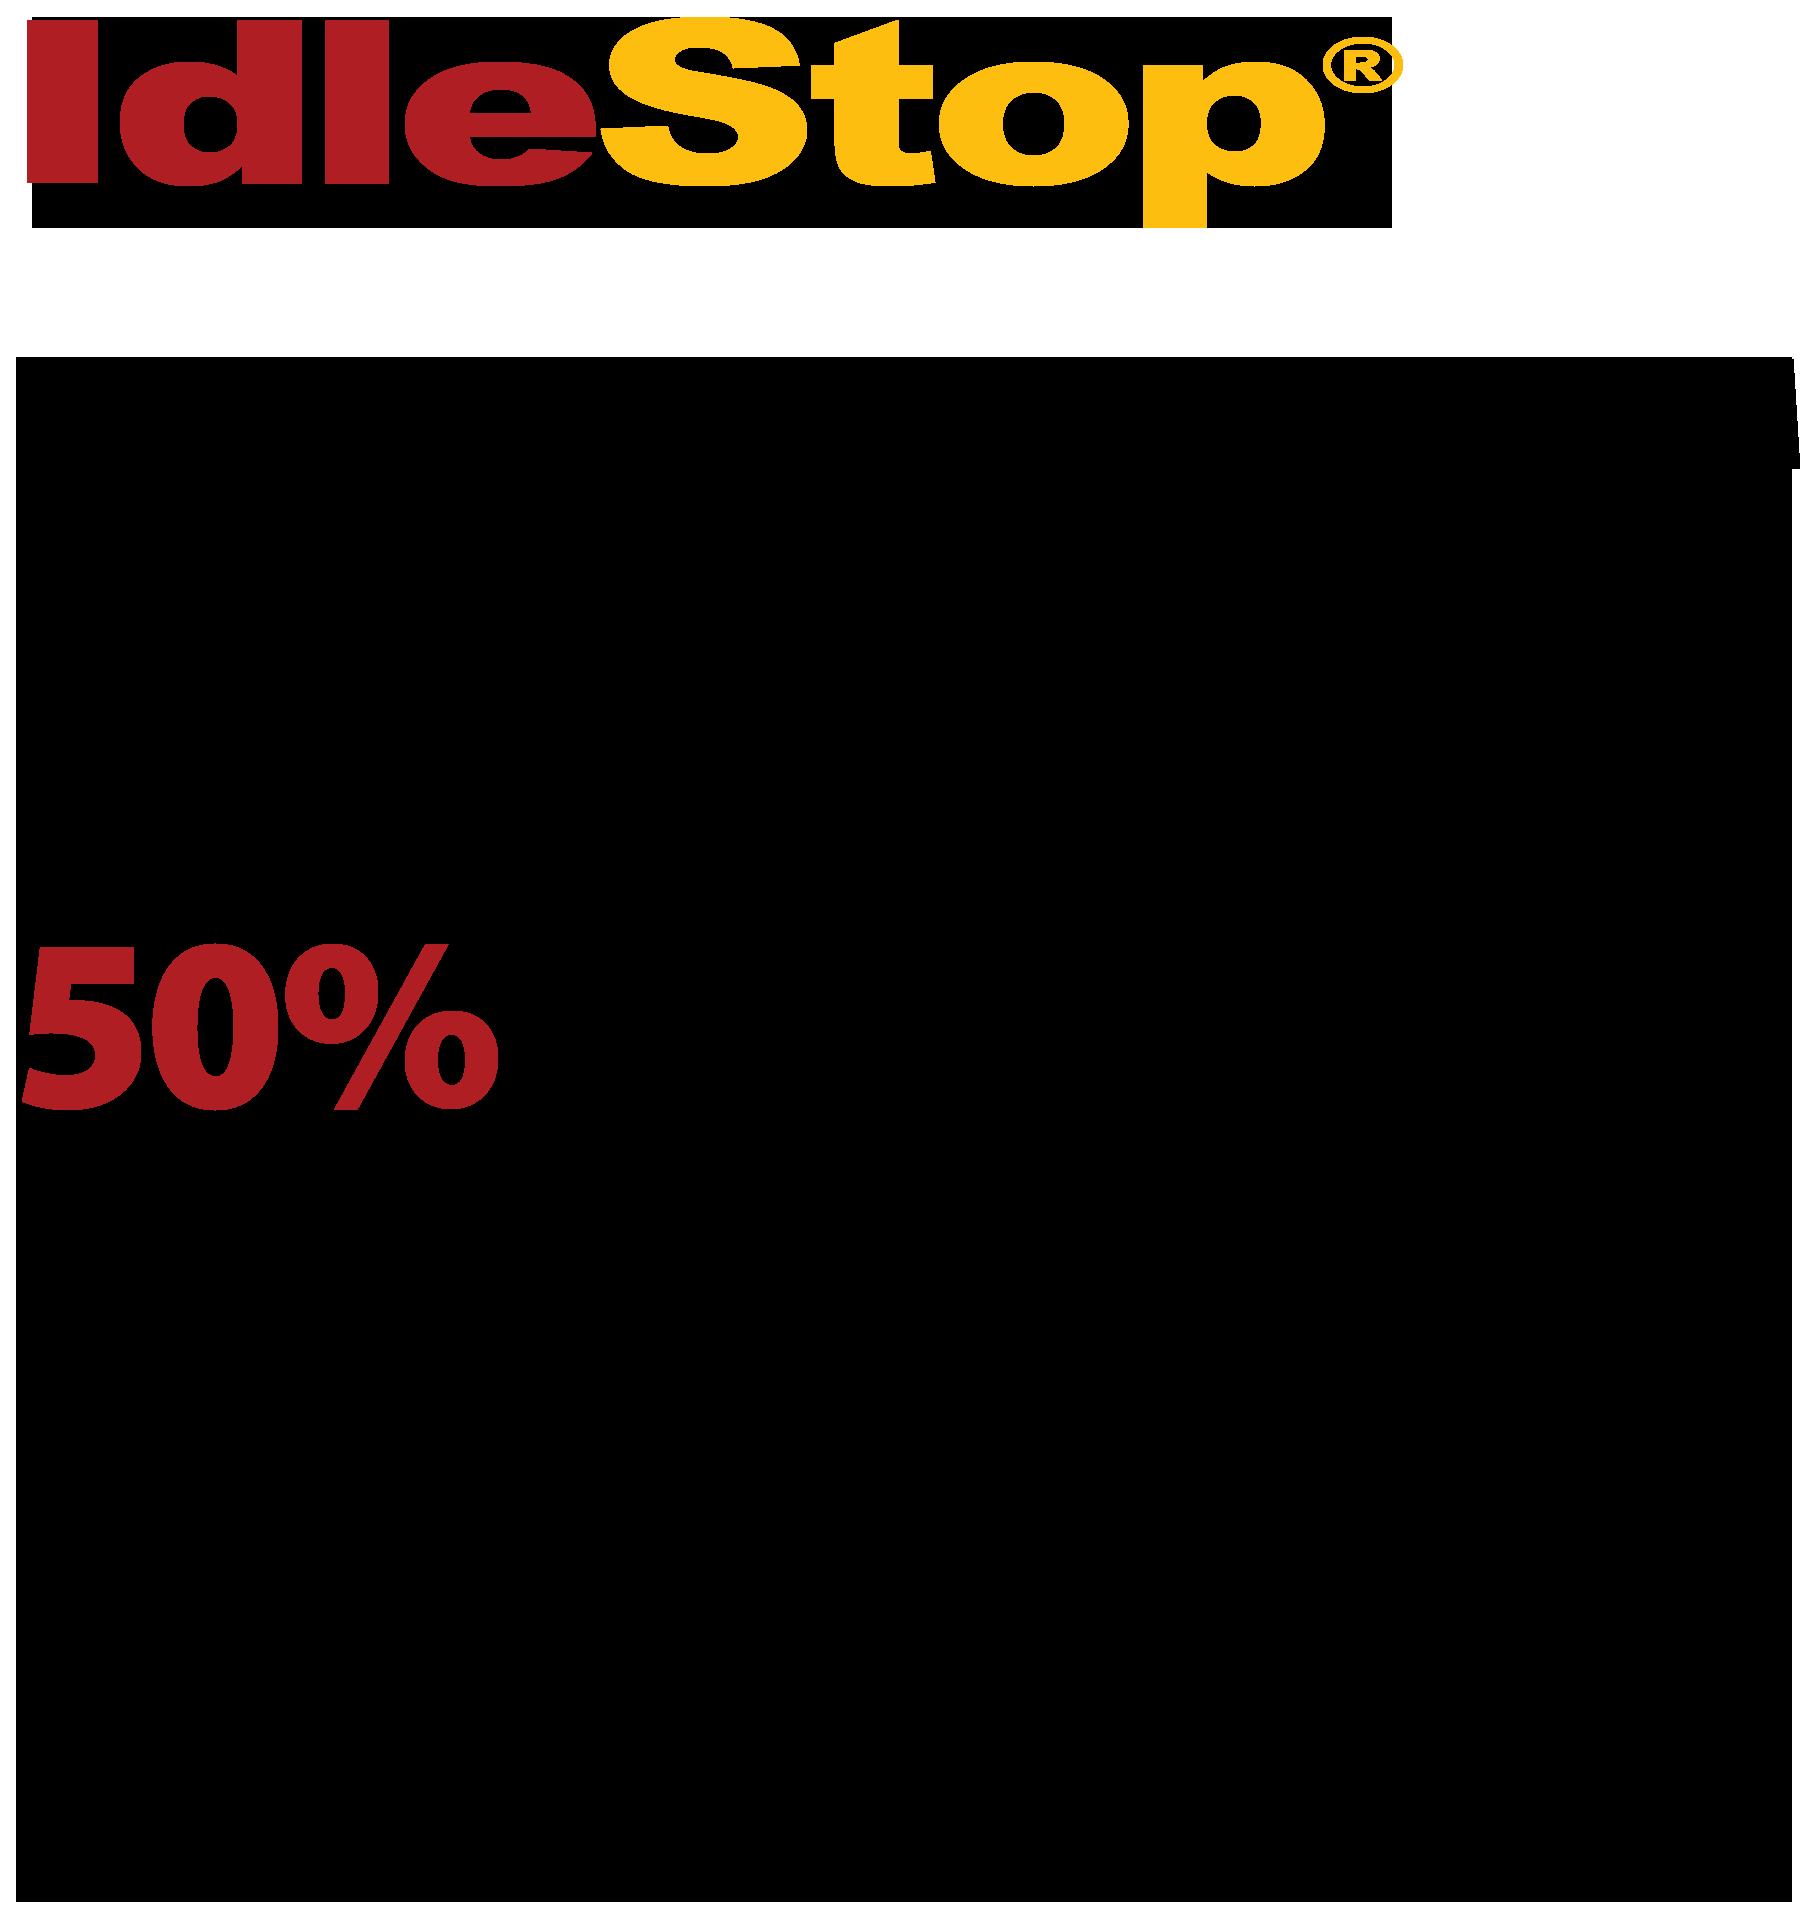 Idlestop_header_text